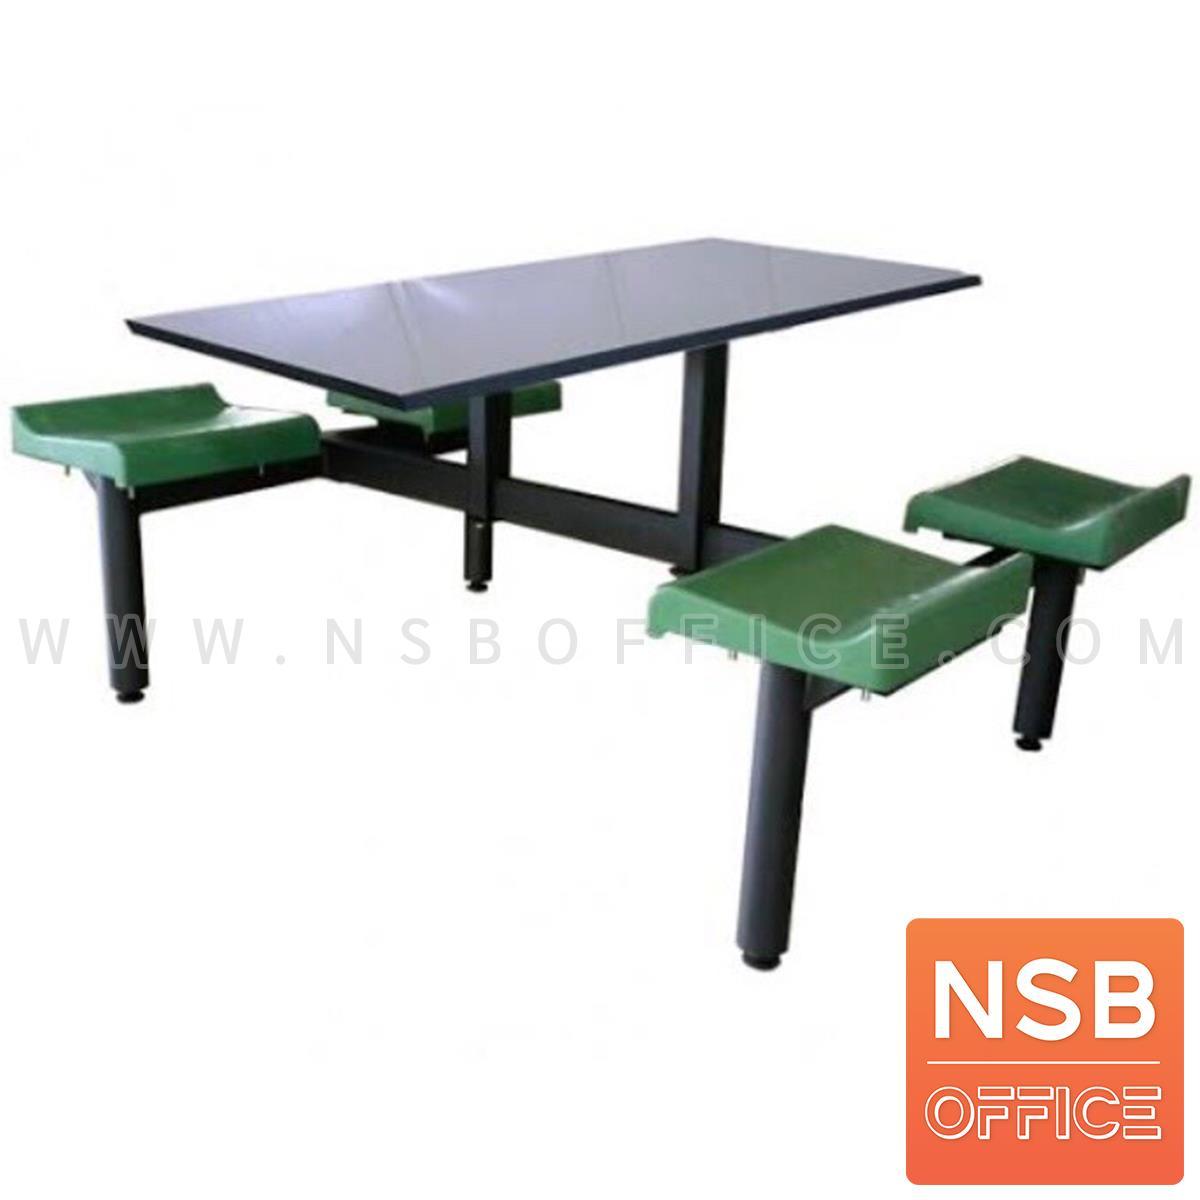 A17A097:ชุดโต๊ะและเก้าอี้ 4 ที่นั่ง  รุ่น Stardew (สตาร์ดิว)  ที่นั่งโพลี่